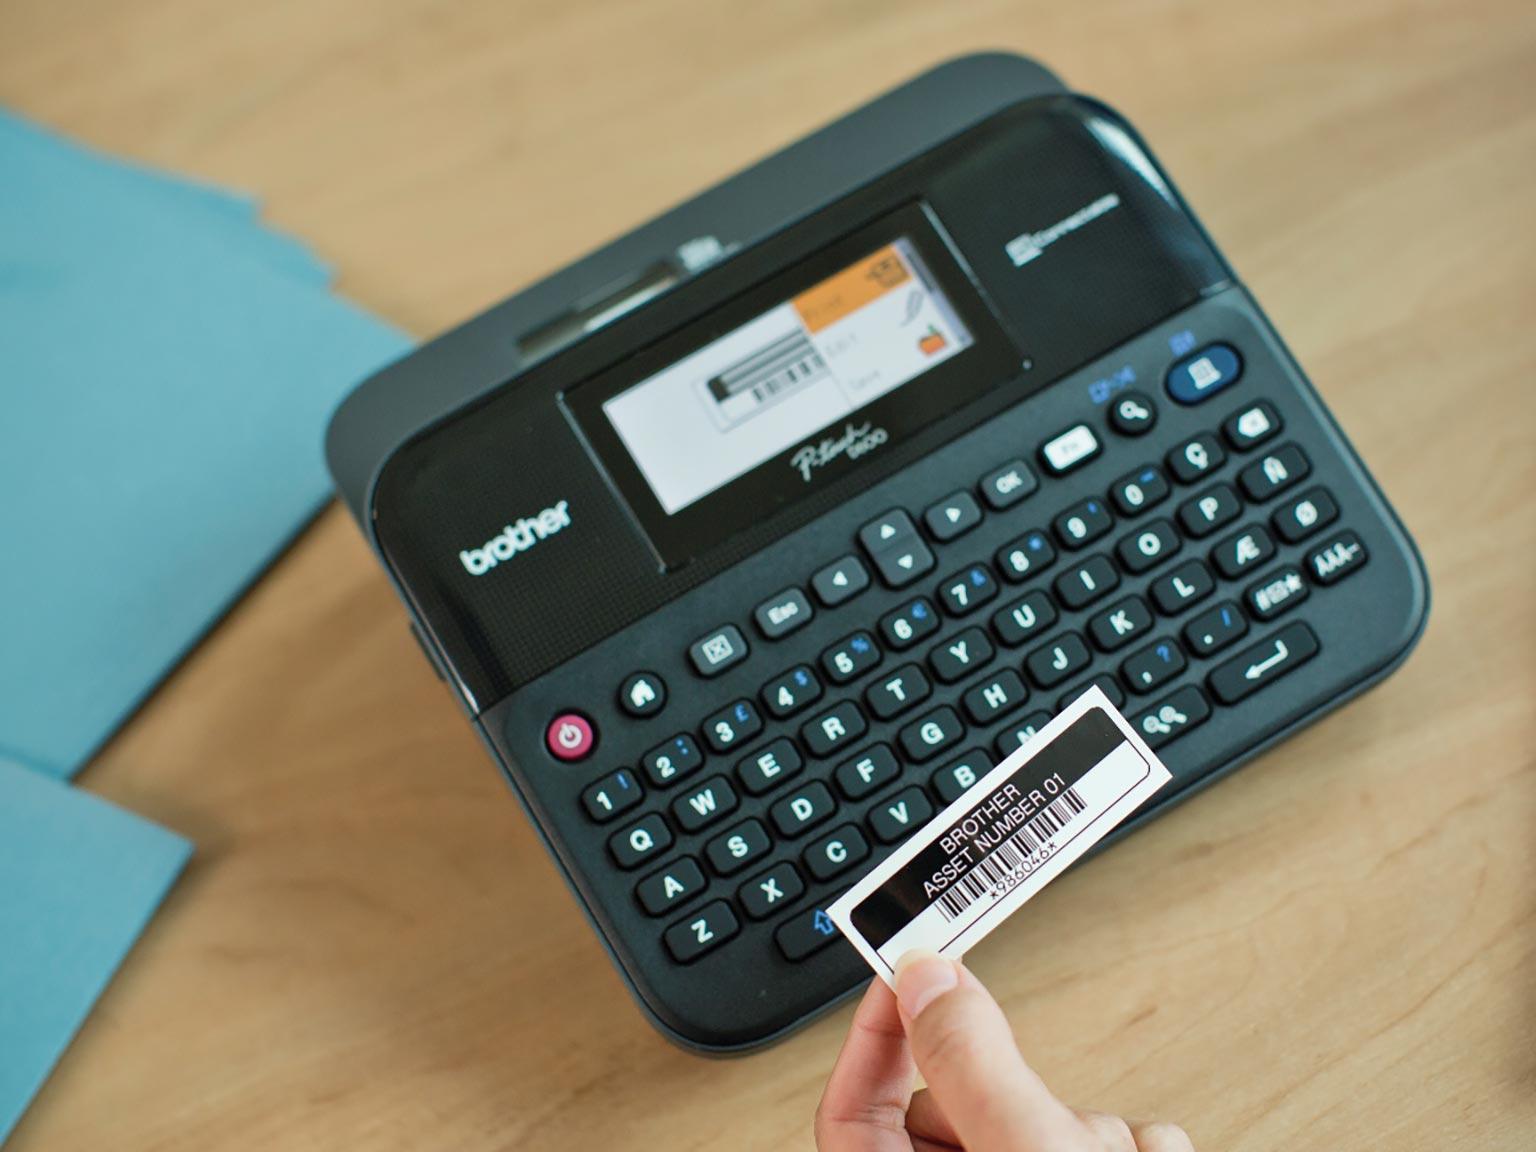 Brother P-touch D600 pisač naljepnica s rukom koja drži naljepnicu za označavanje imovine